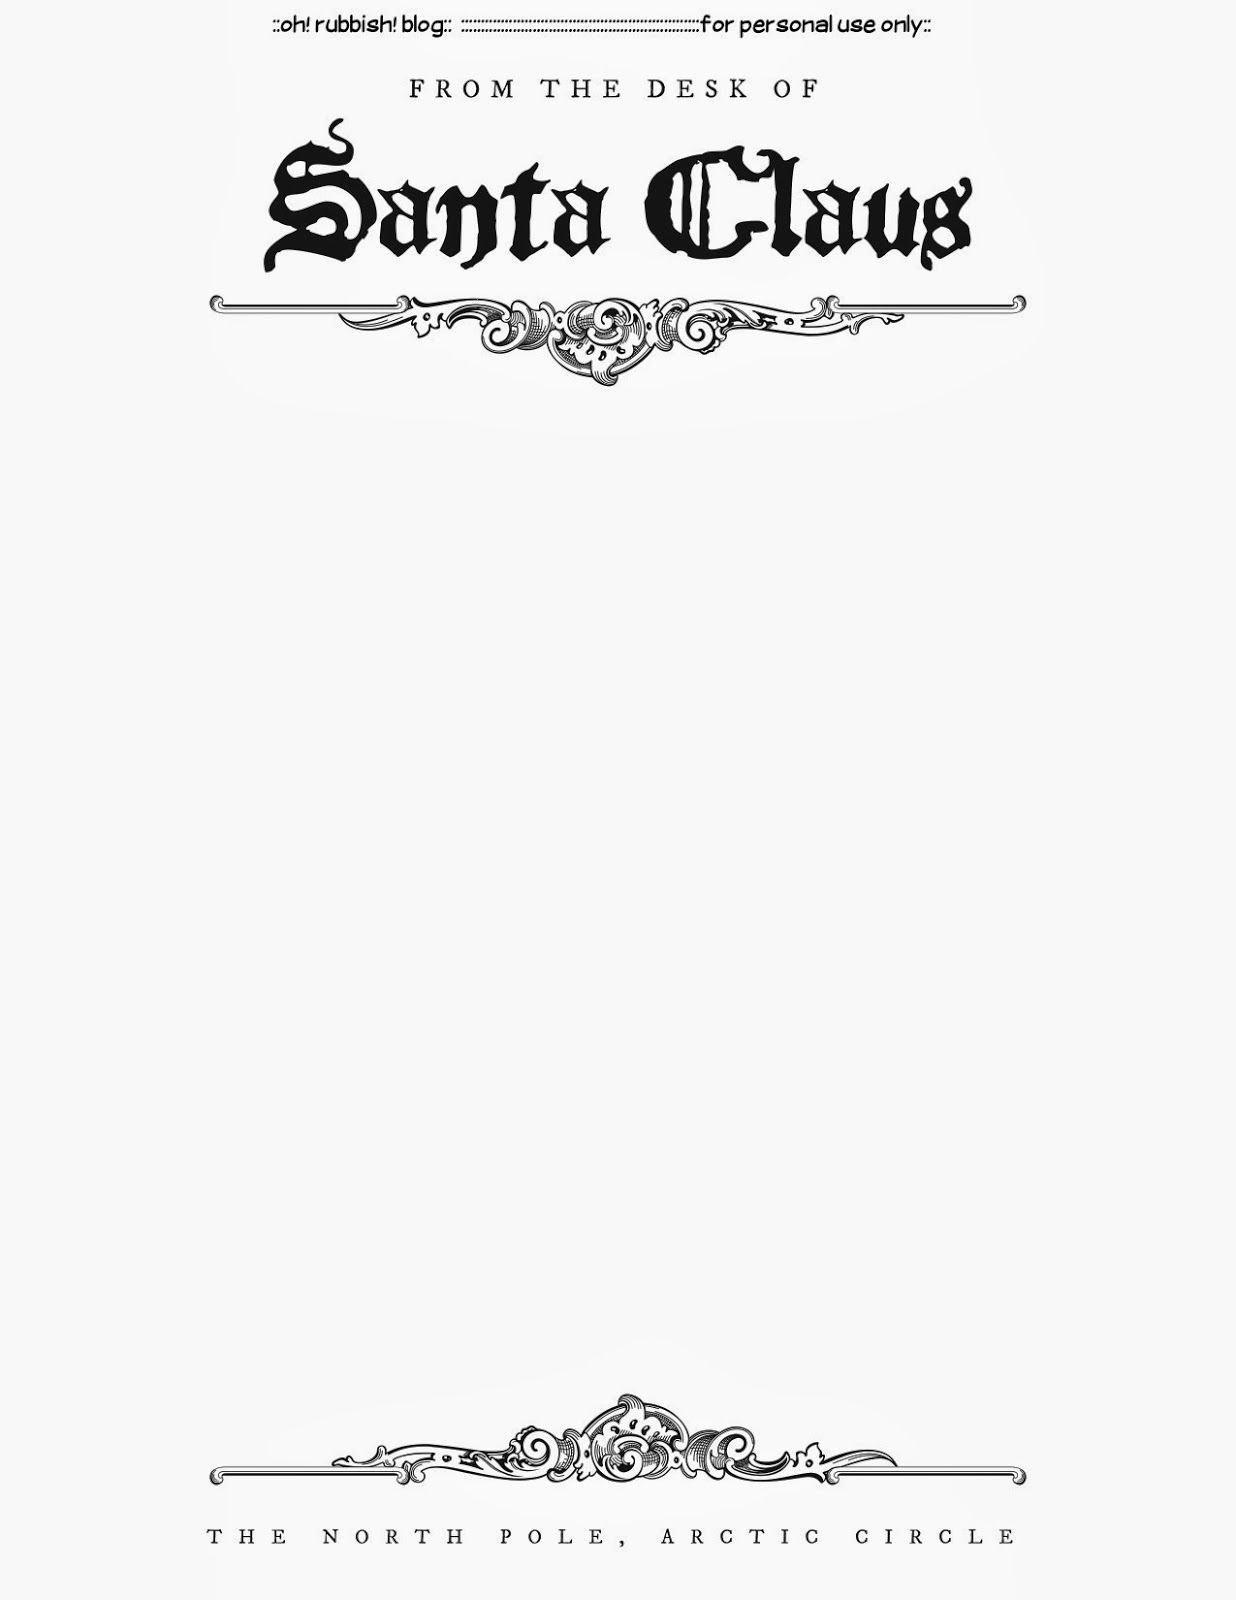 Free Santa Letter Template Unique Santa Letter Templates Christmas Printables 5